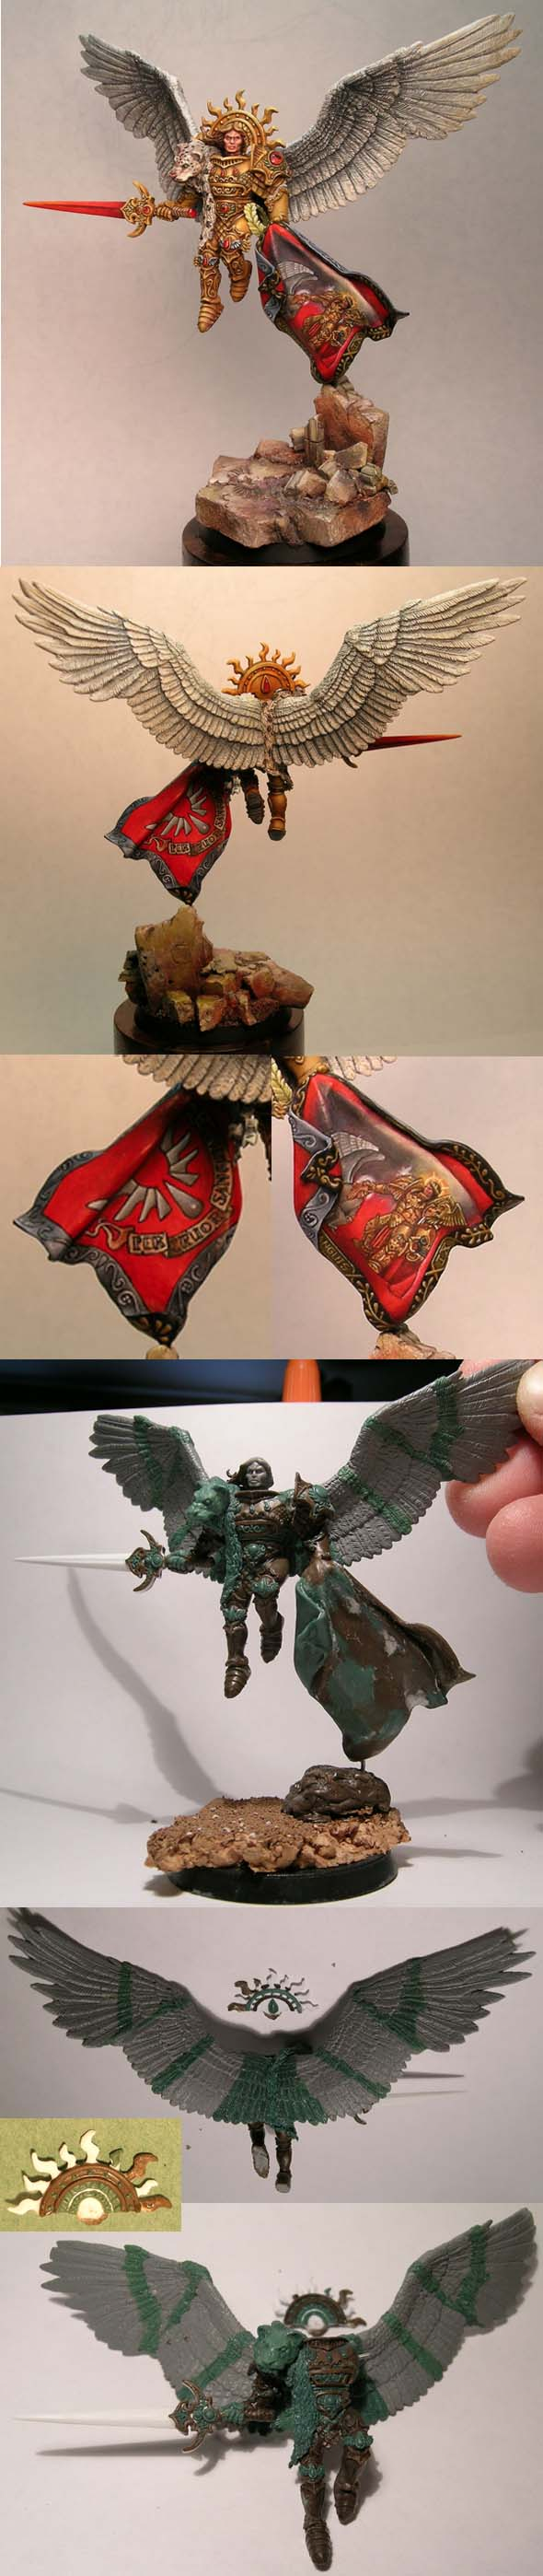 Sanguinius Primarch of The Blood Angels